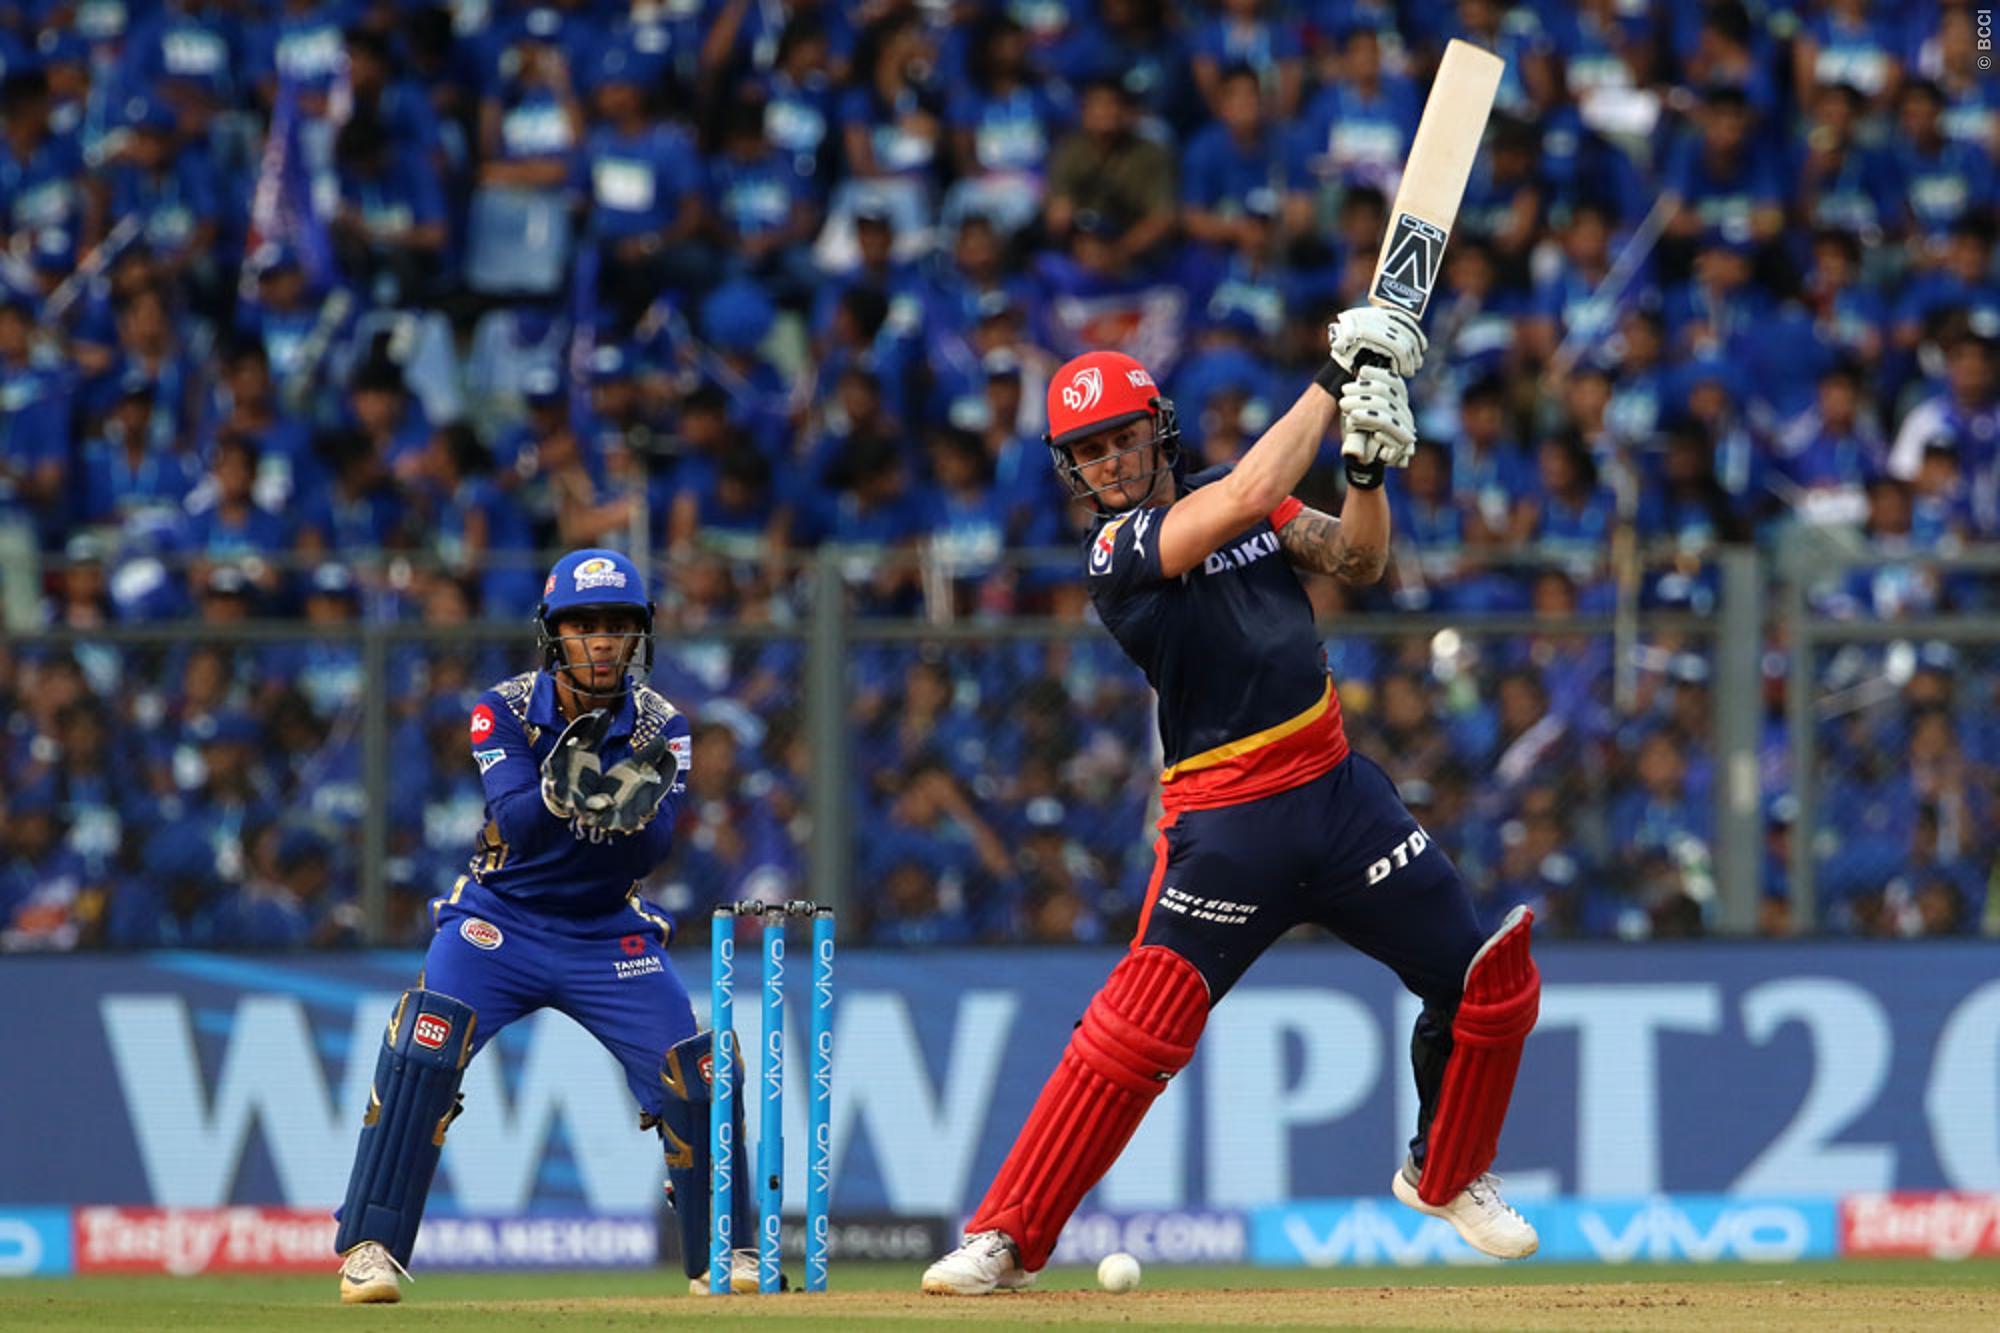 मैच रिपोर्ट: जेसन रॉय के तूफ़ान में उड़ी मुंबई, दिल्ली ने रोमांचक मुकाबले में 7 विकेट से दी करारी शिकस्त 3